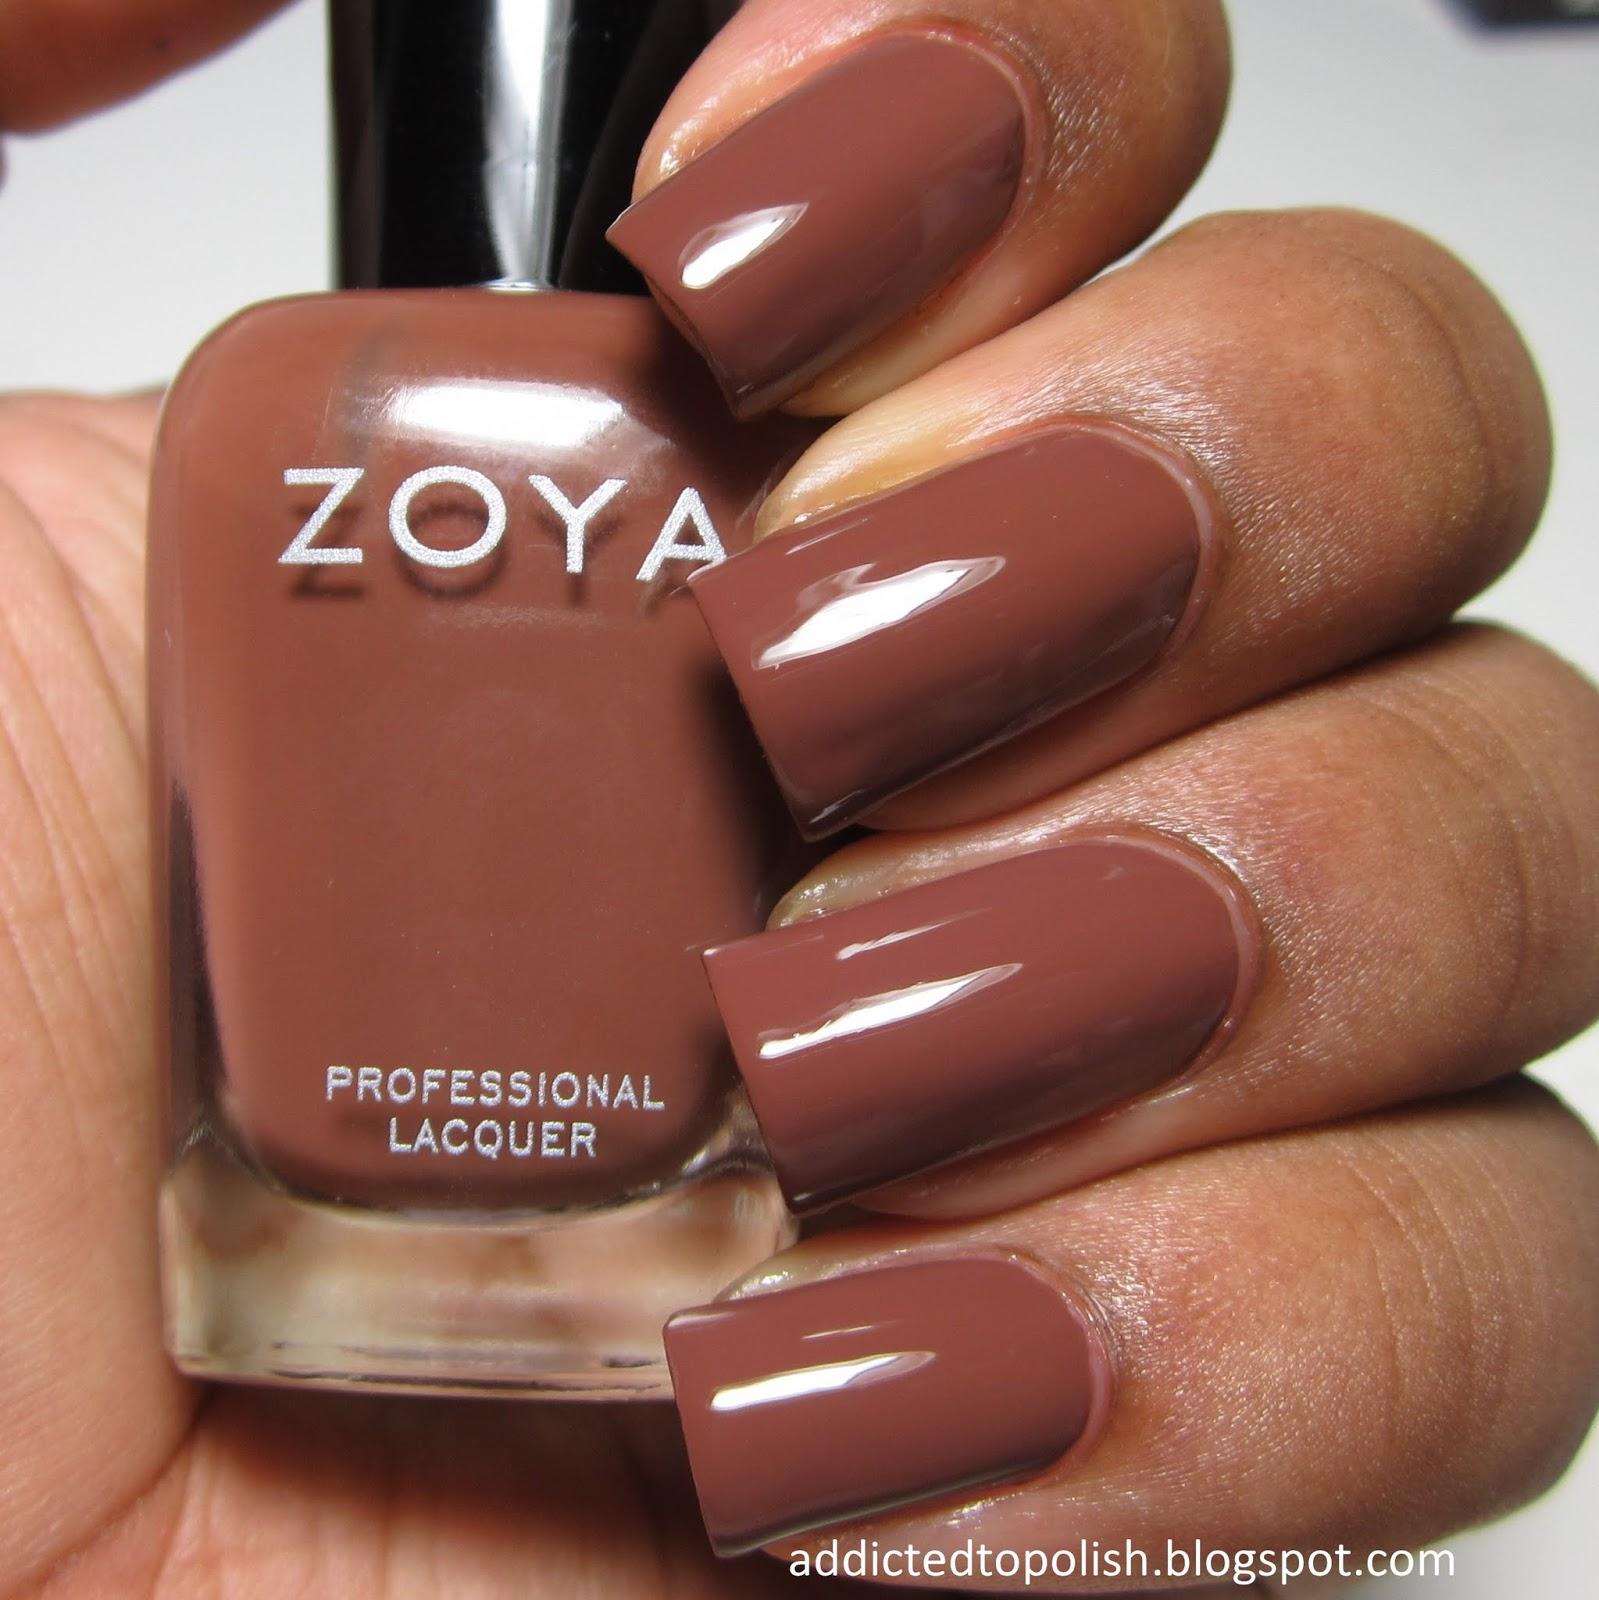 zoya-nyssa-entice-fall-2014